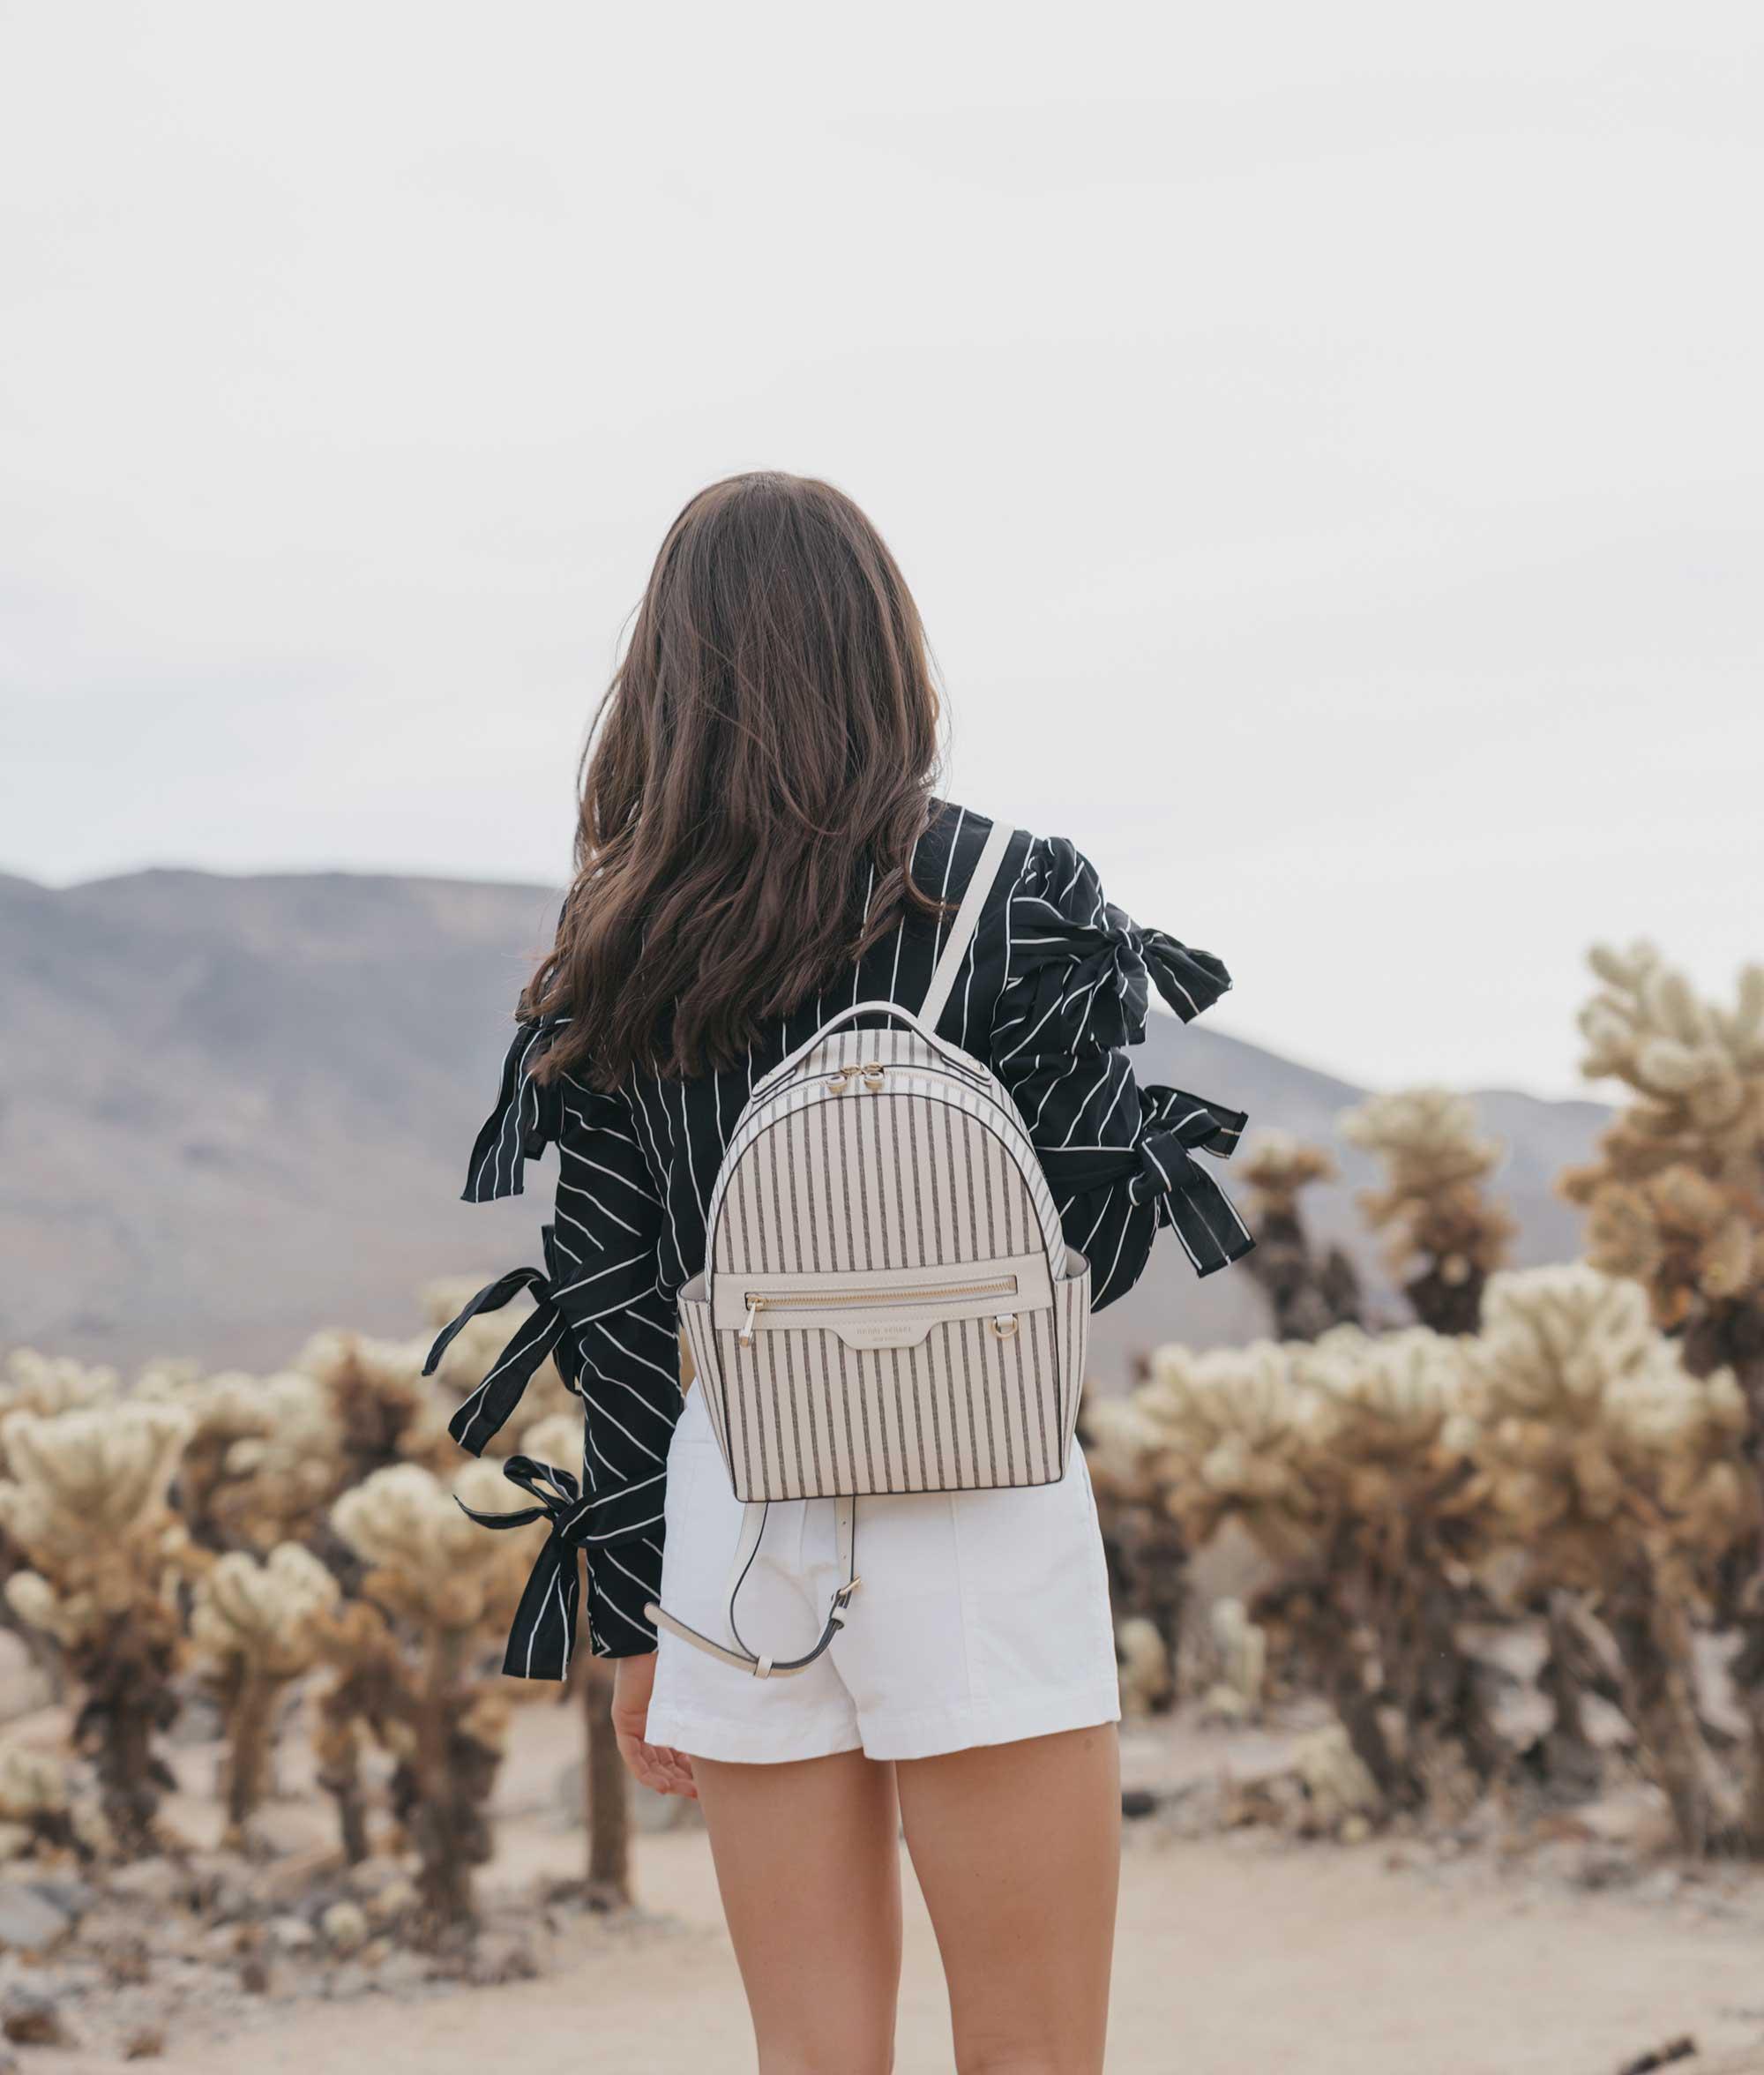 Henir Bendel WEST 57TH STRIPED BACKPACK festival outfit for Coachella Cholla Cactus Garden Joshua Tree Desert1.jpg